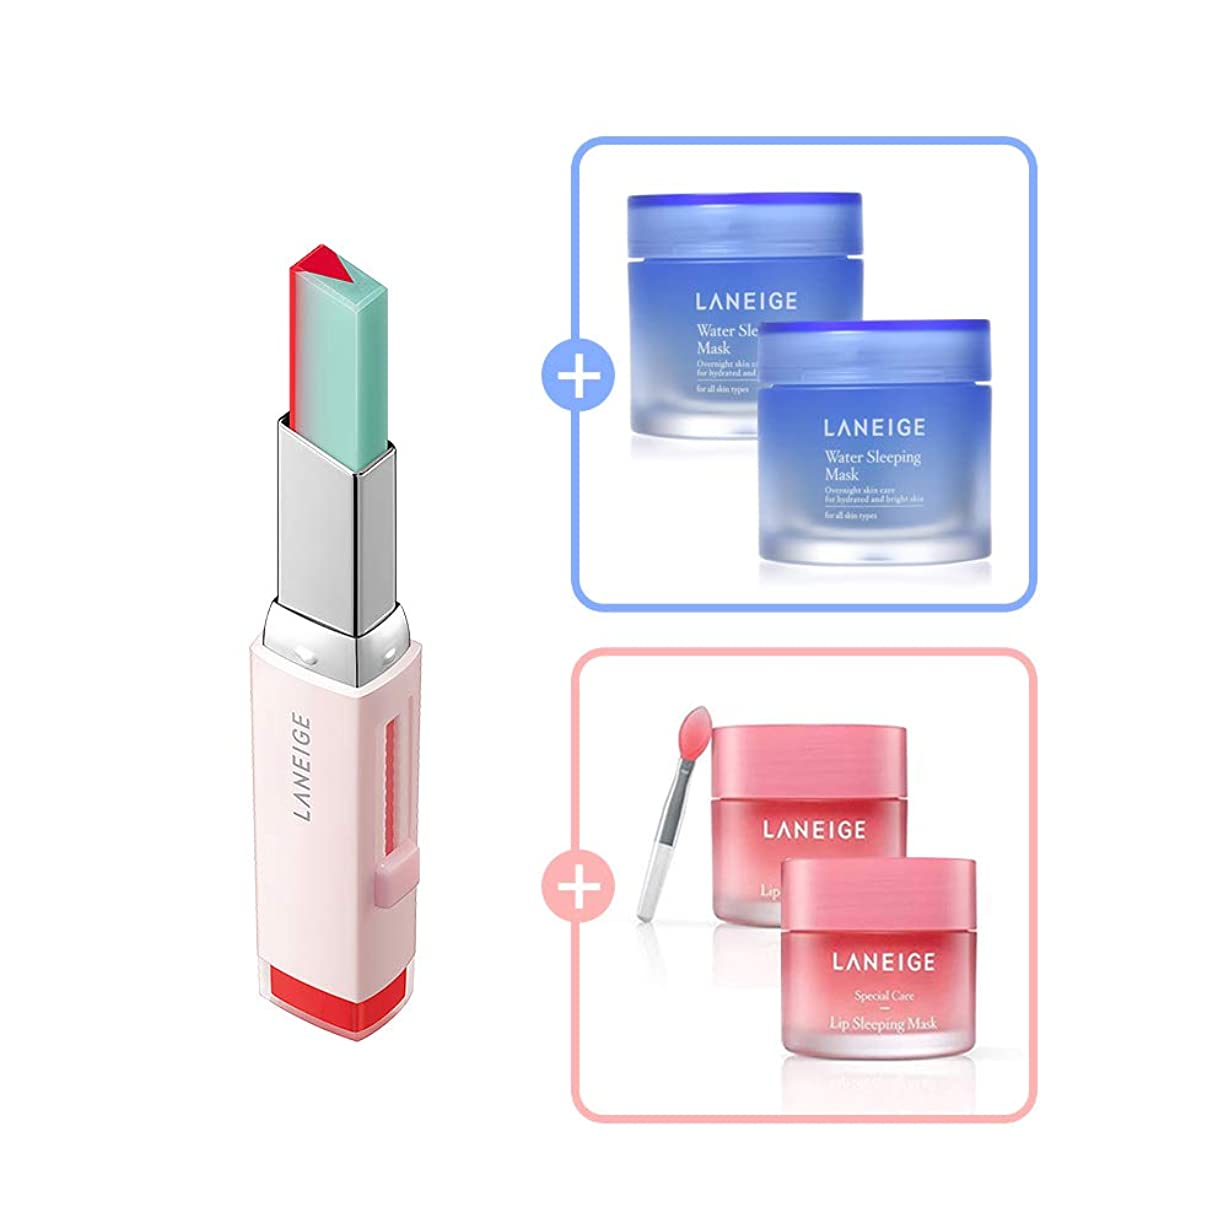 静脈ホテル精査Two Tone Tint Lip Bar 2g (No.3 Tint Mint)/ツートーン ティント バー 2g (No.3 ティント ミント) [数量限定!人気商品のサンプルプレゼント!]